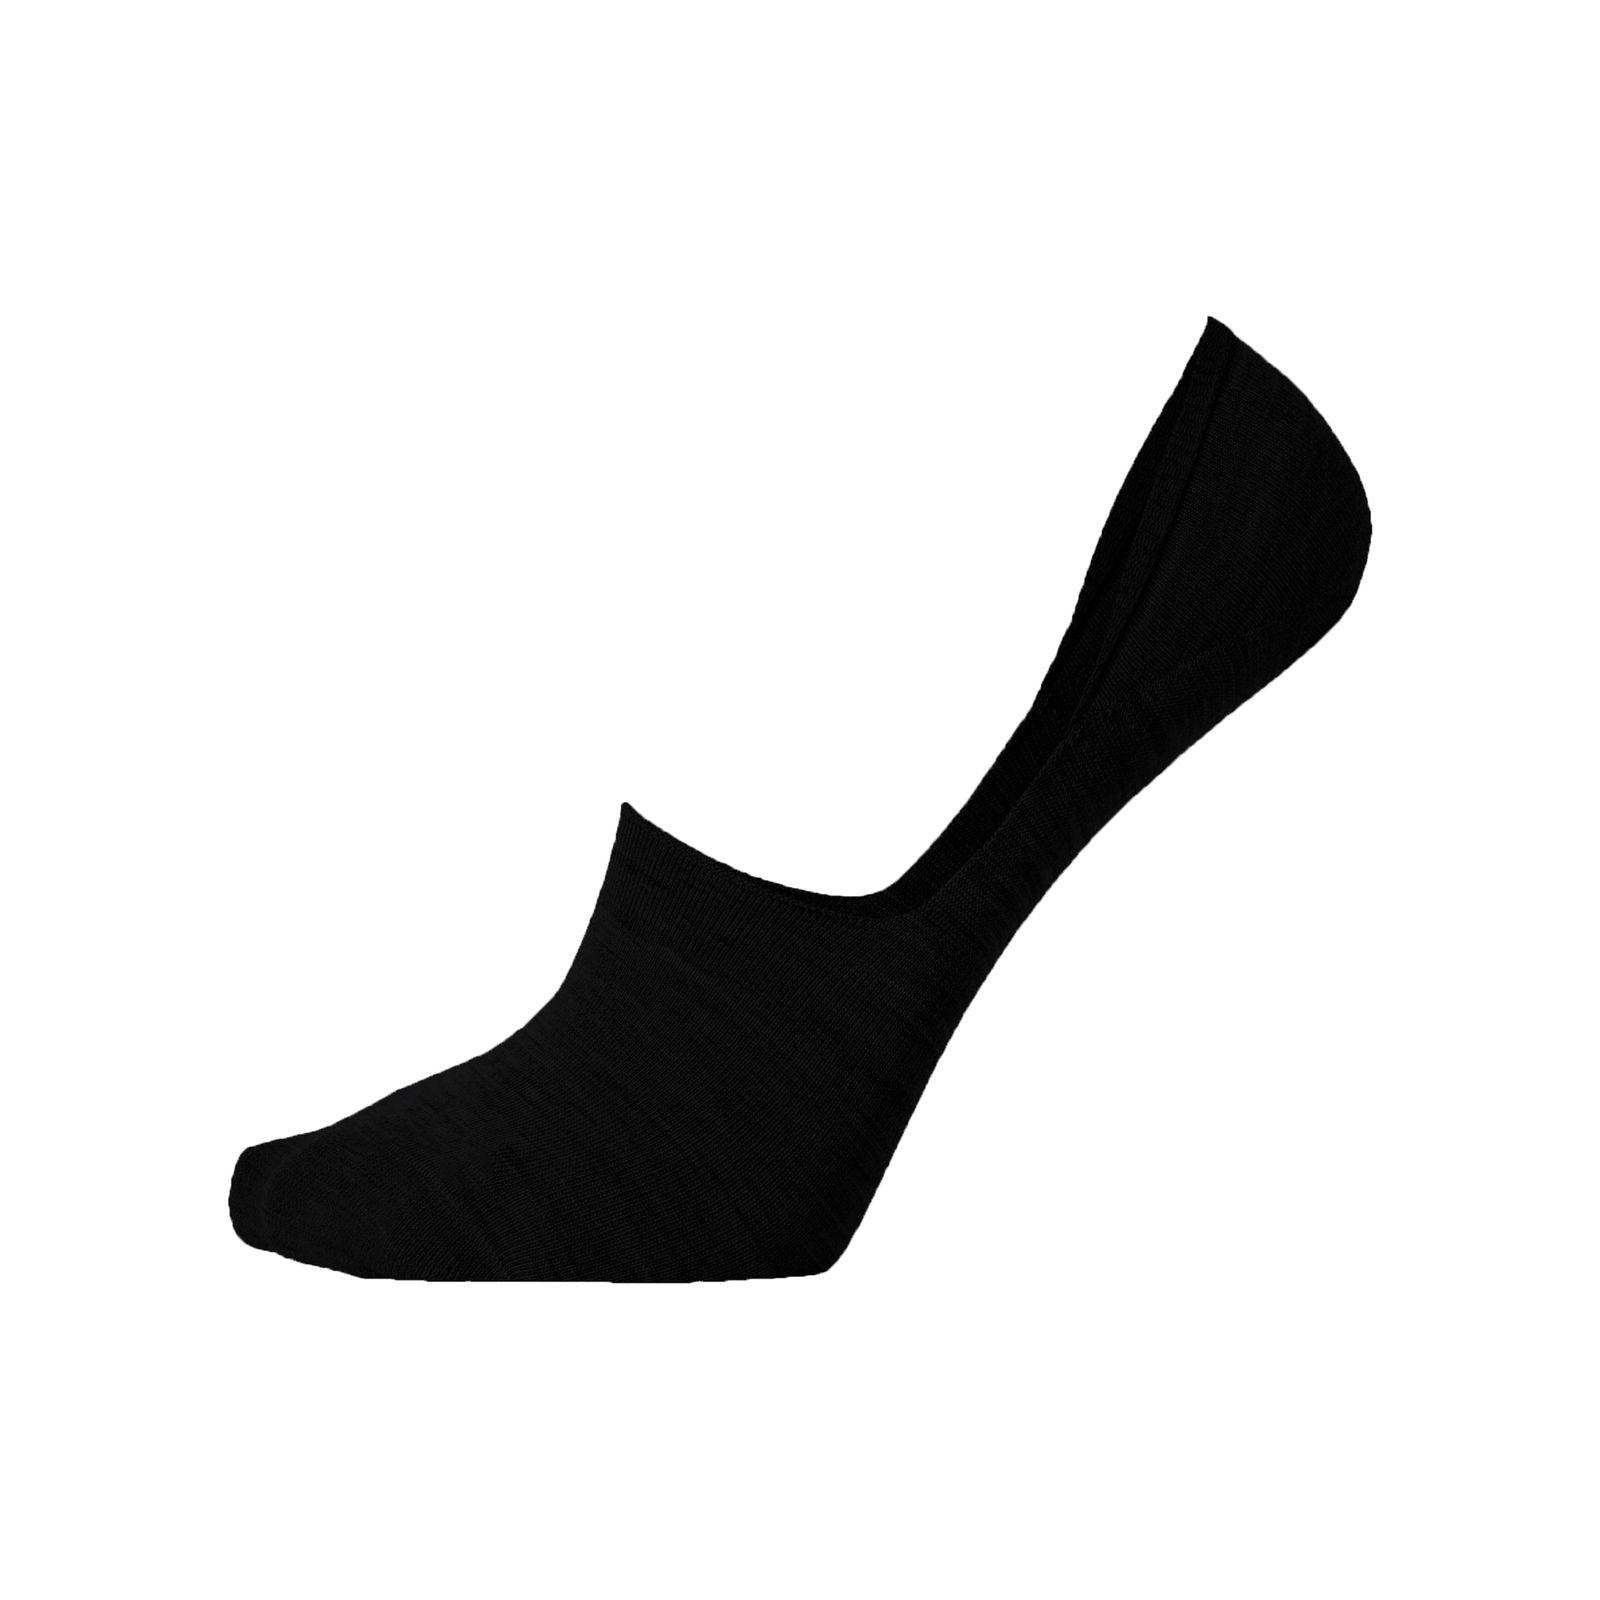 جوراب زنانه مستر جوراب کد BL-MRM 254 بسته 6 عددی -  - 3